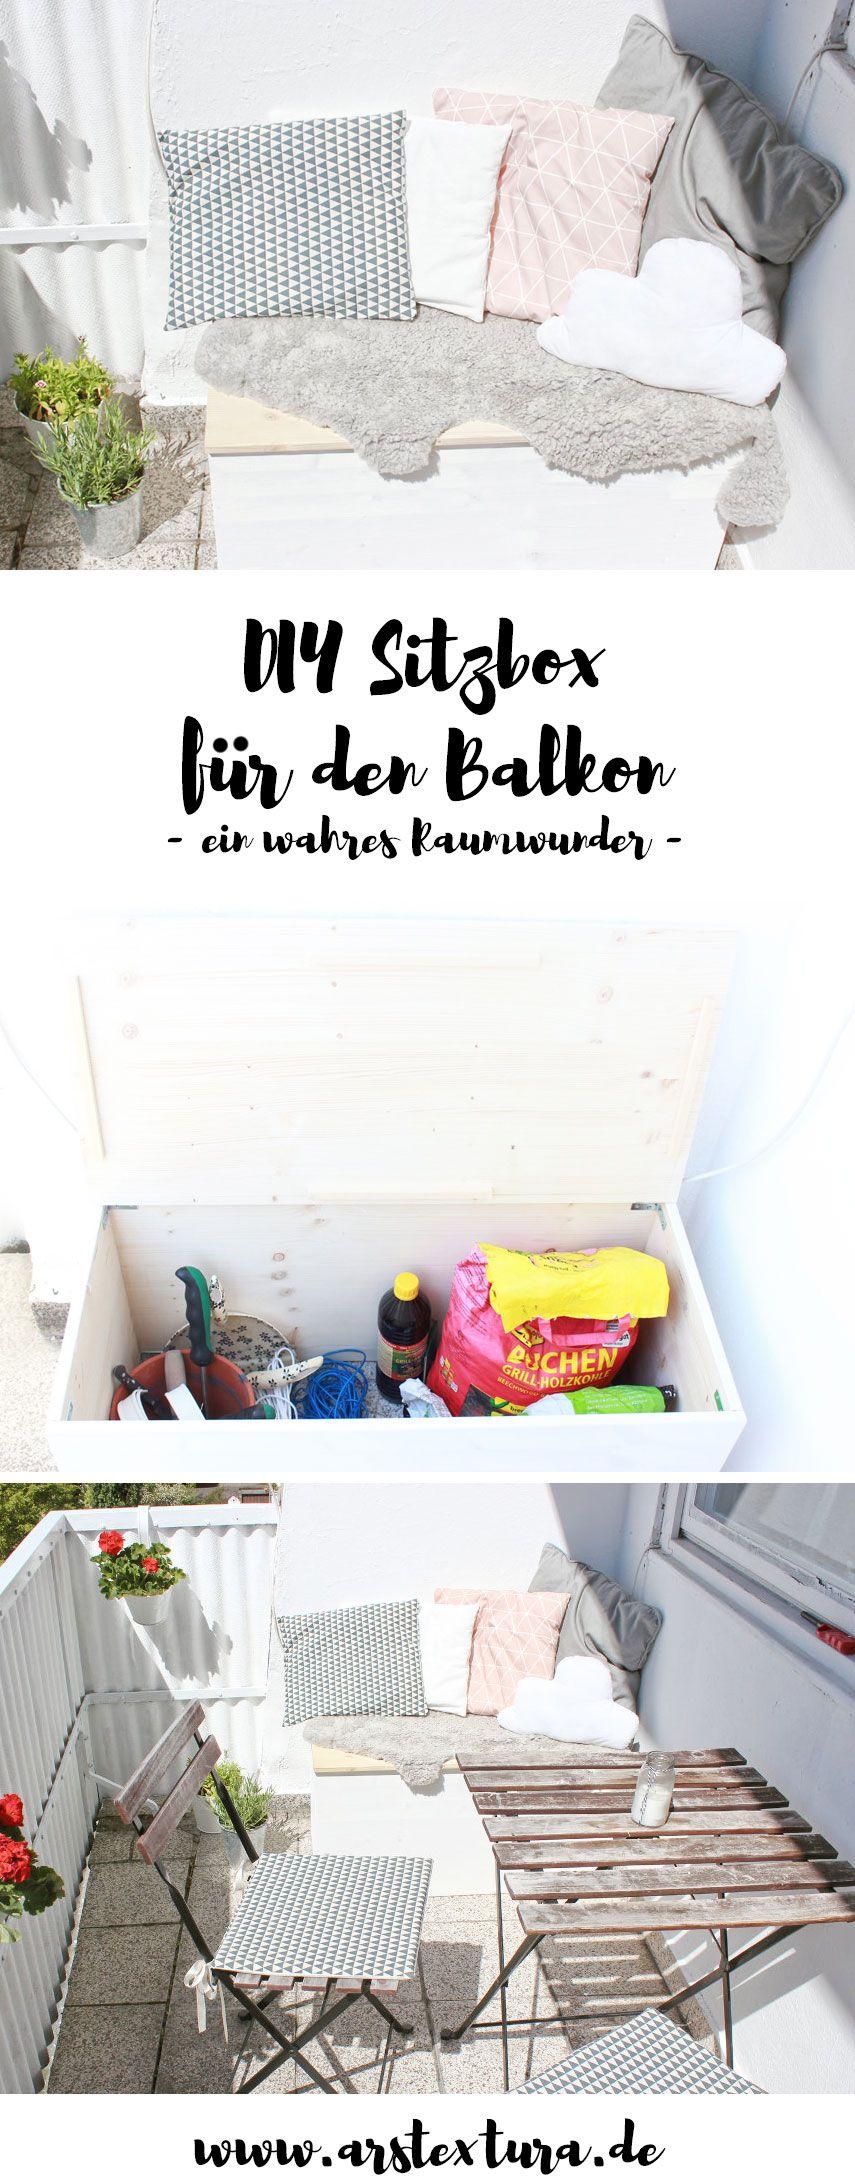 Photo of Ordnung für den Balkon… meine DIY Sitzbox | ars textura – DIY-Blog